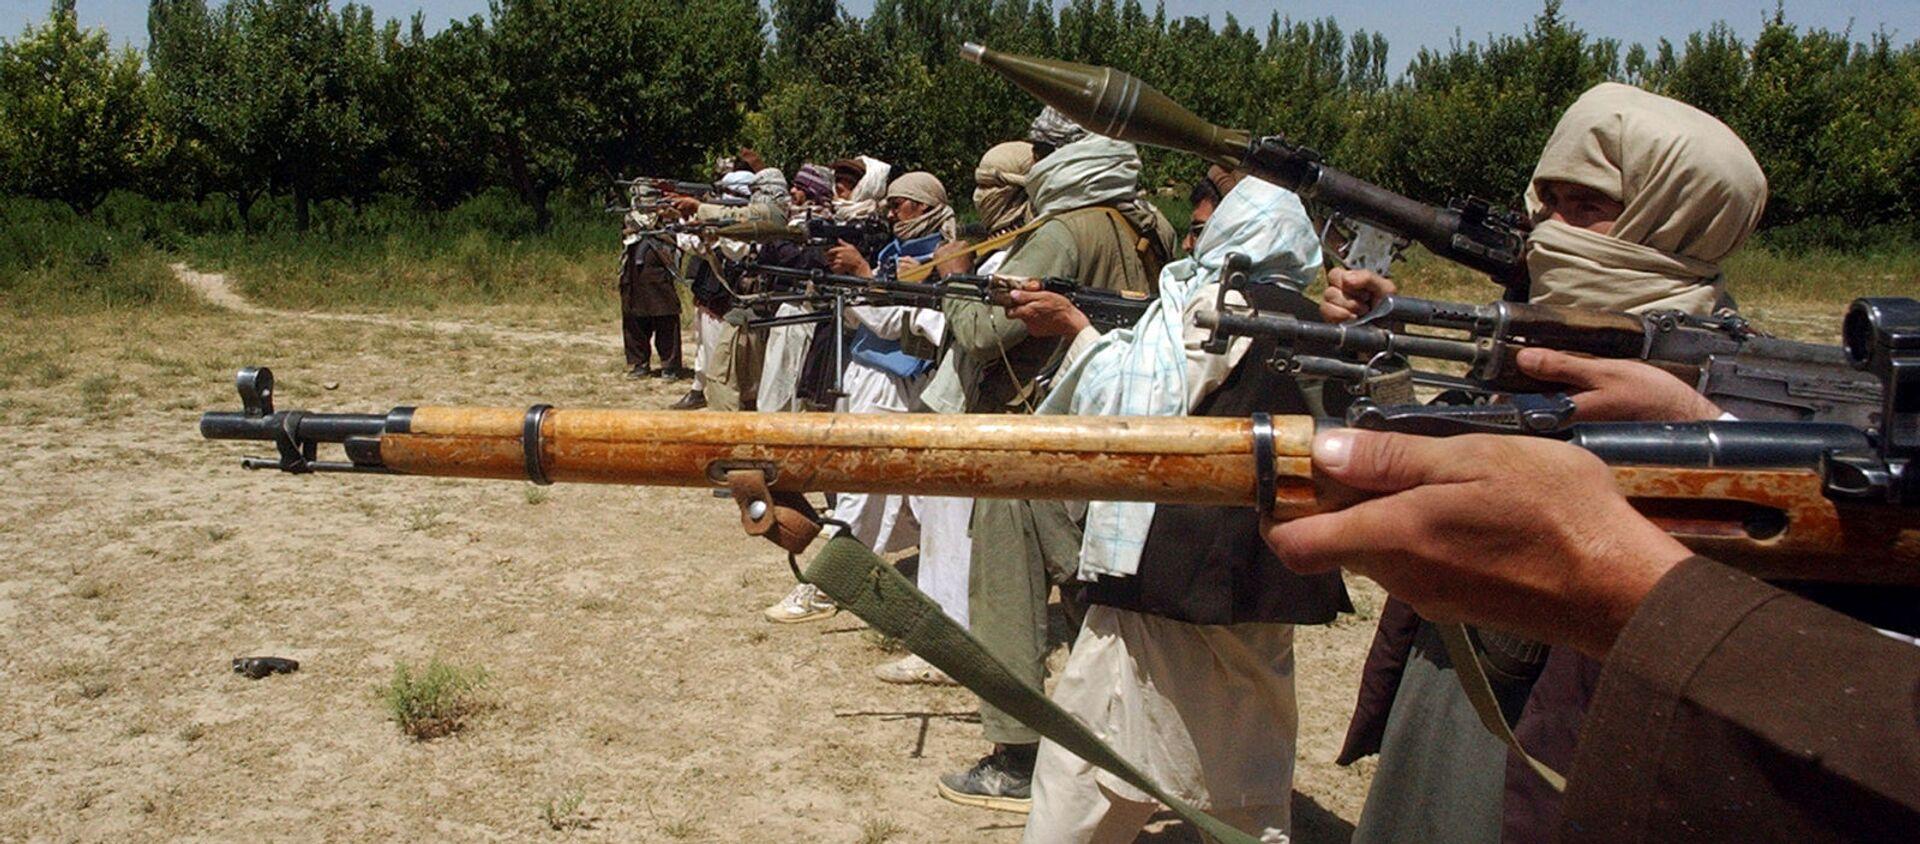 Боевики Талибана тренируются с оружием в Афганистане - Sputnik Արմենիա, 1920, 05.09.2021